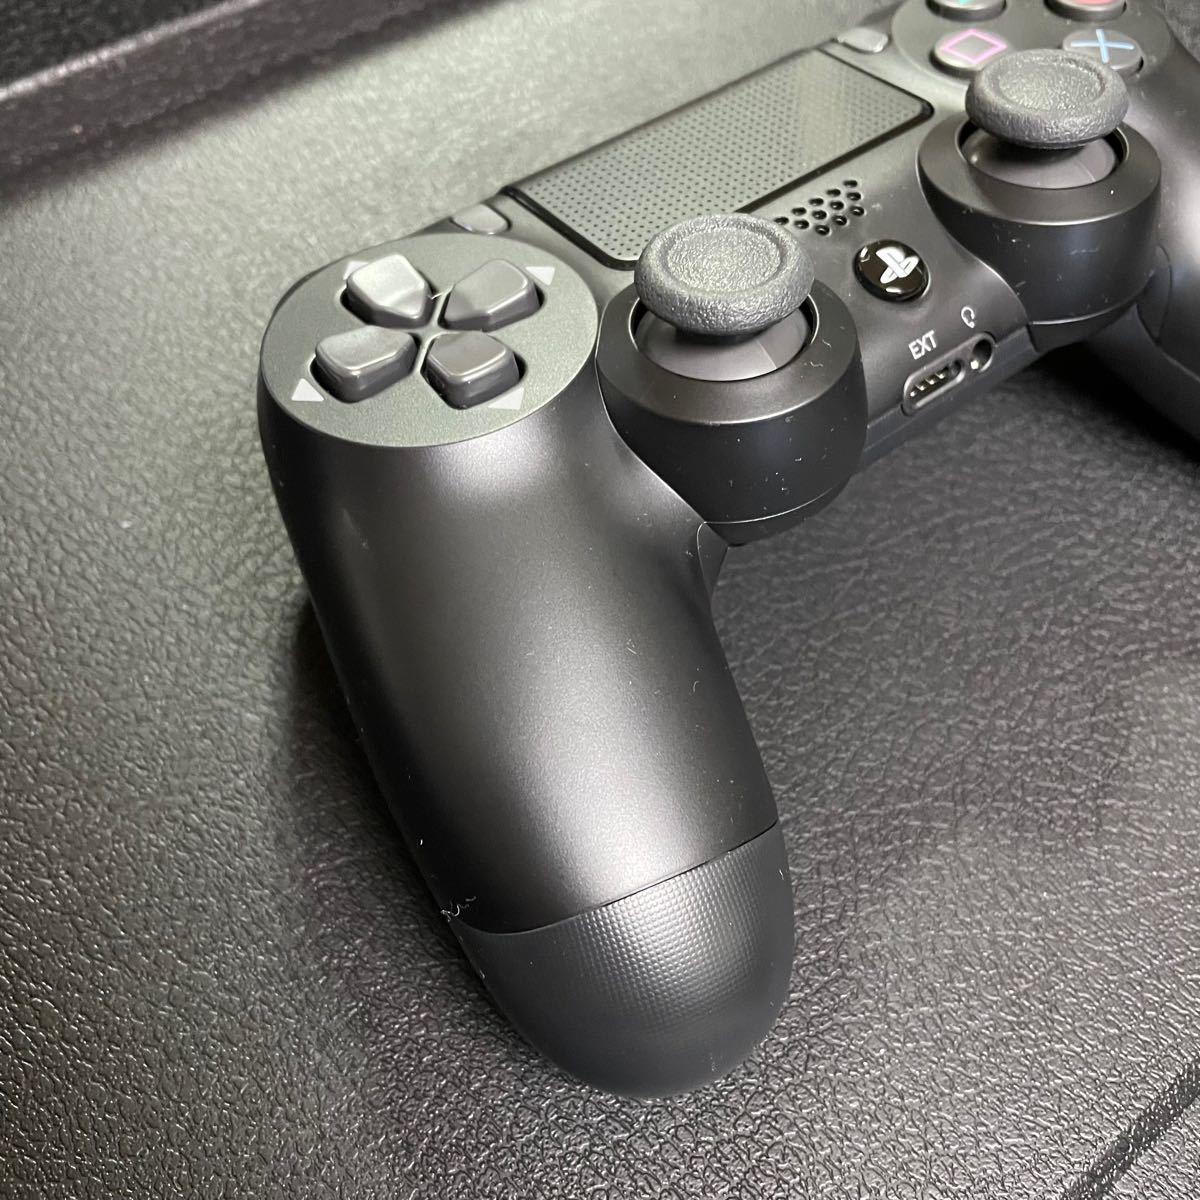 【美品】PS4 ワイヤレスコントローラー DUALSHOCK4 ジェットブラック